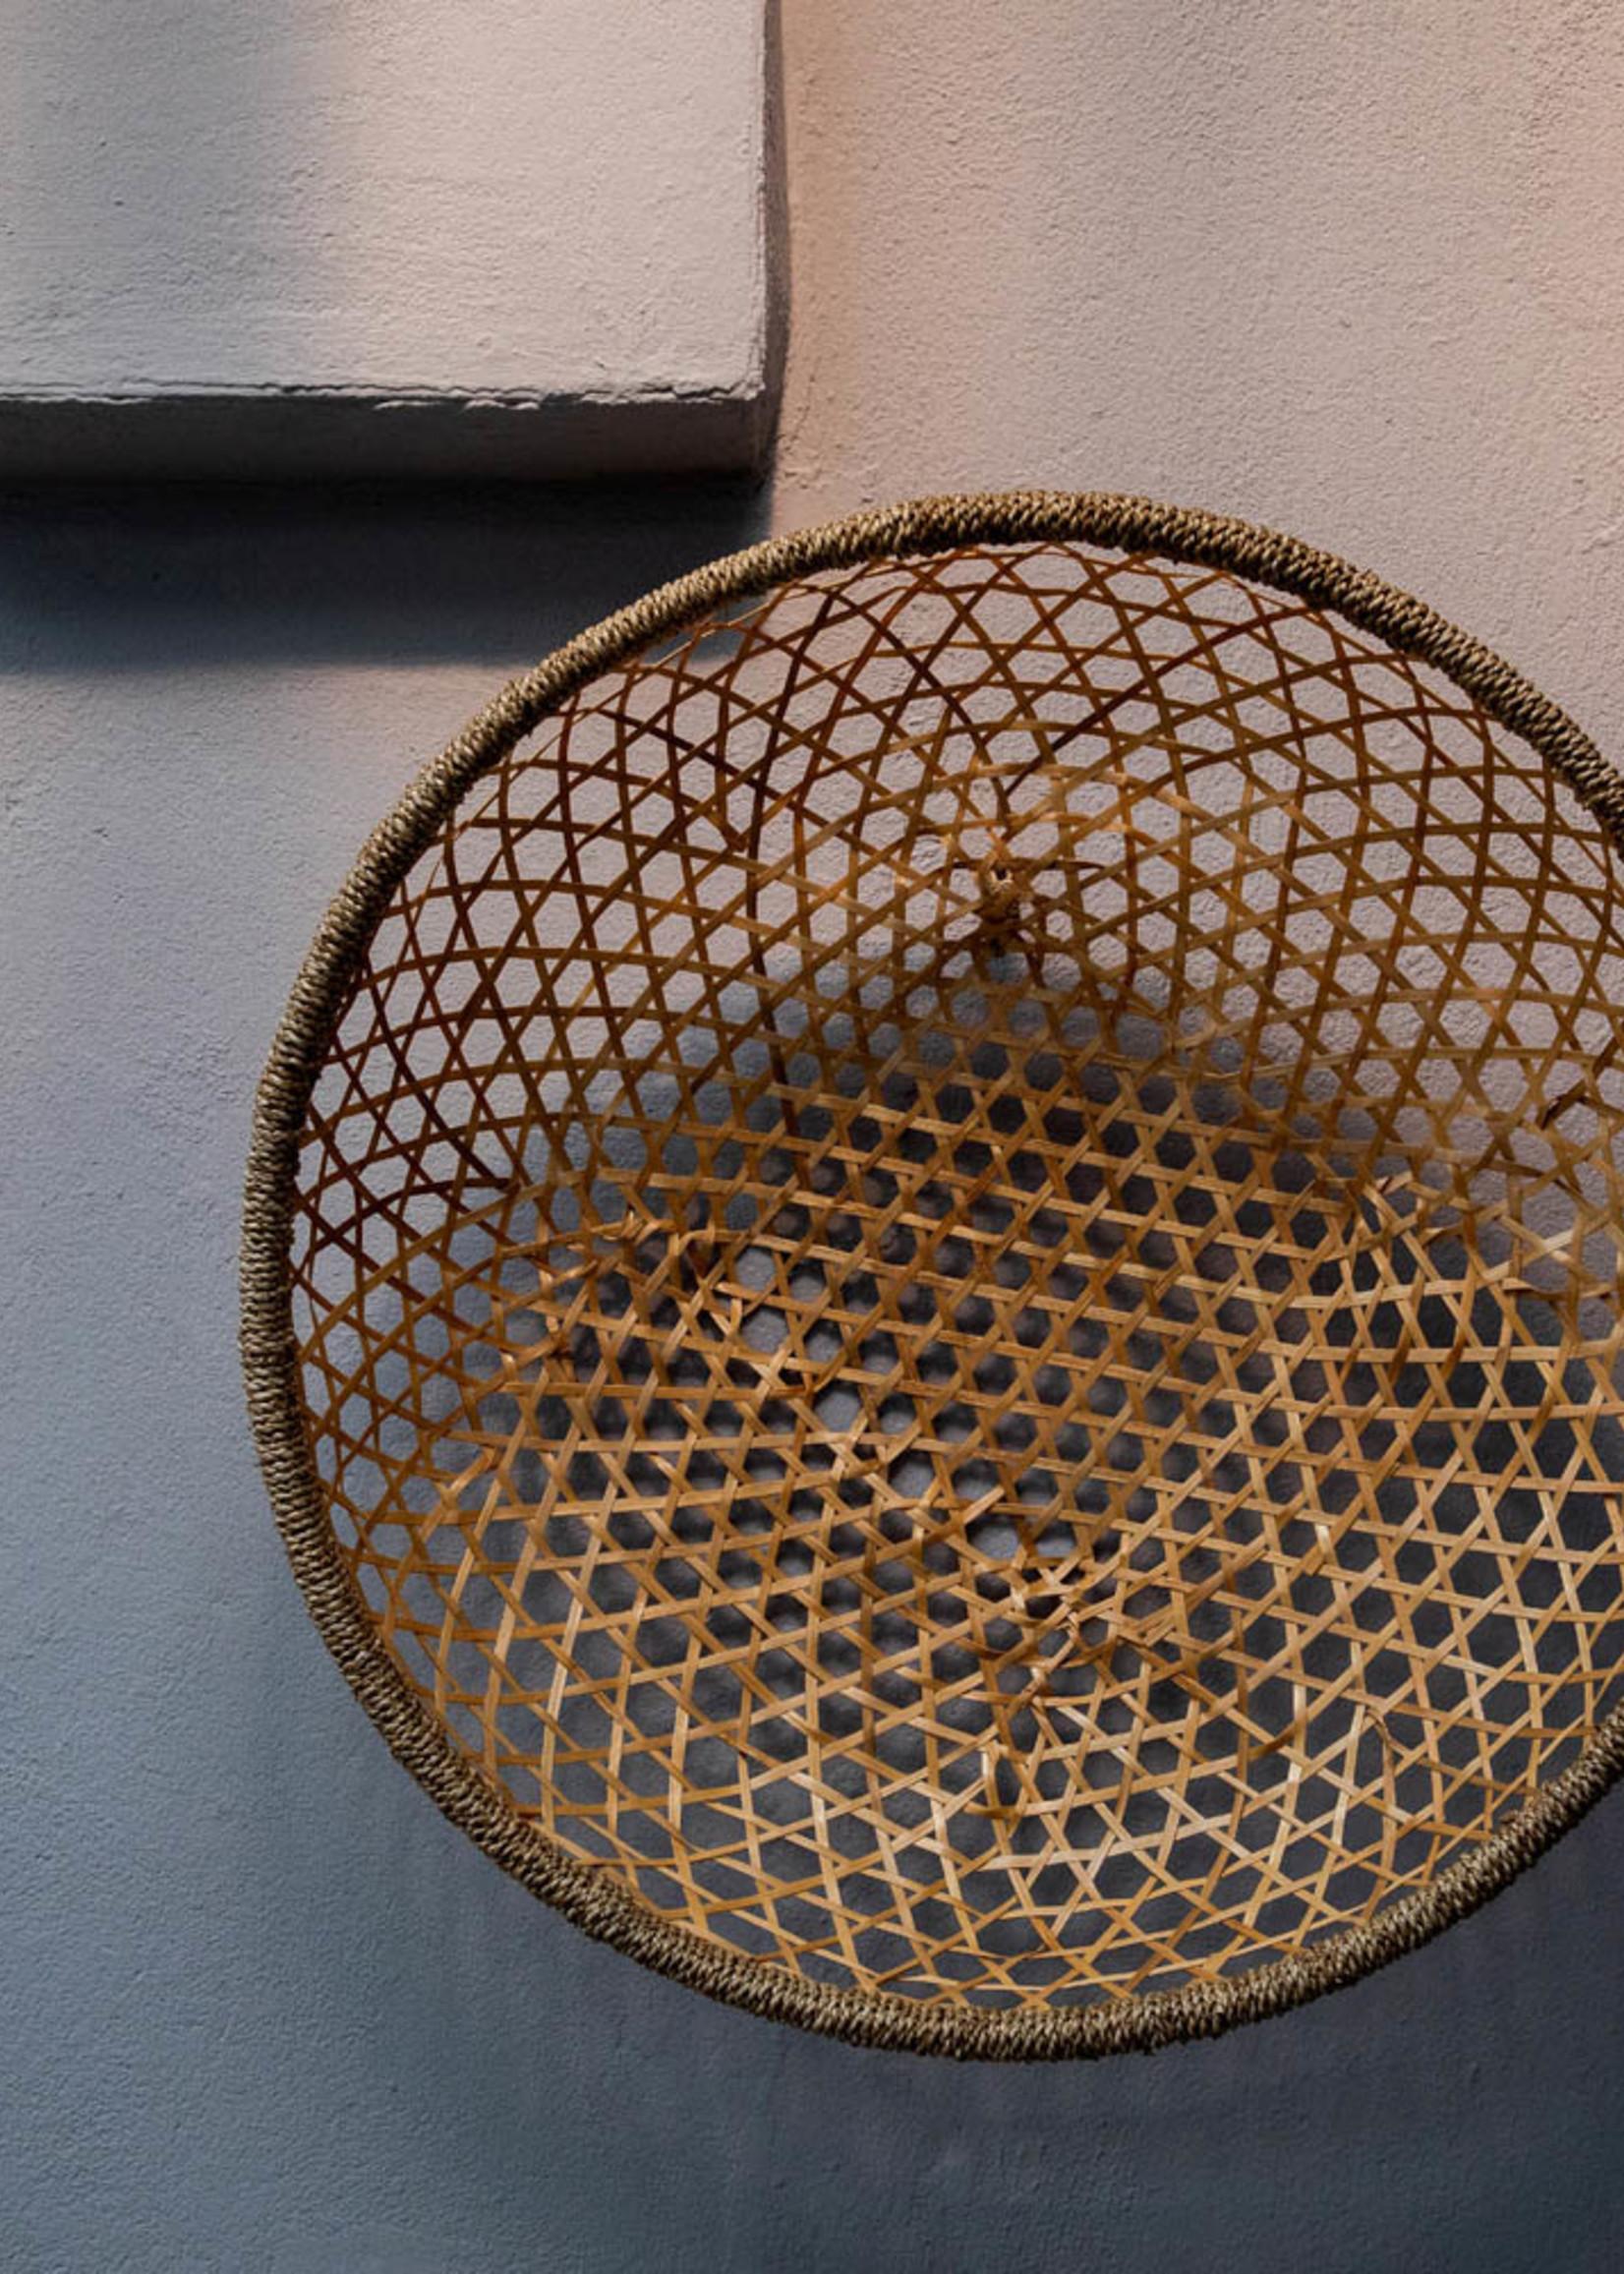 The Bamboo Wall Basket - Natural